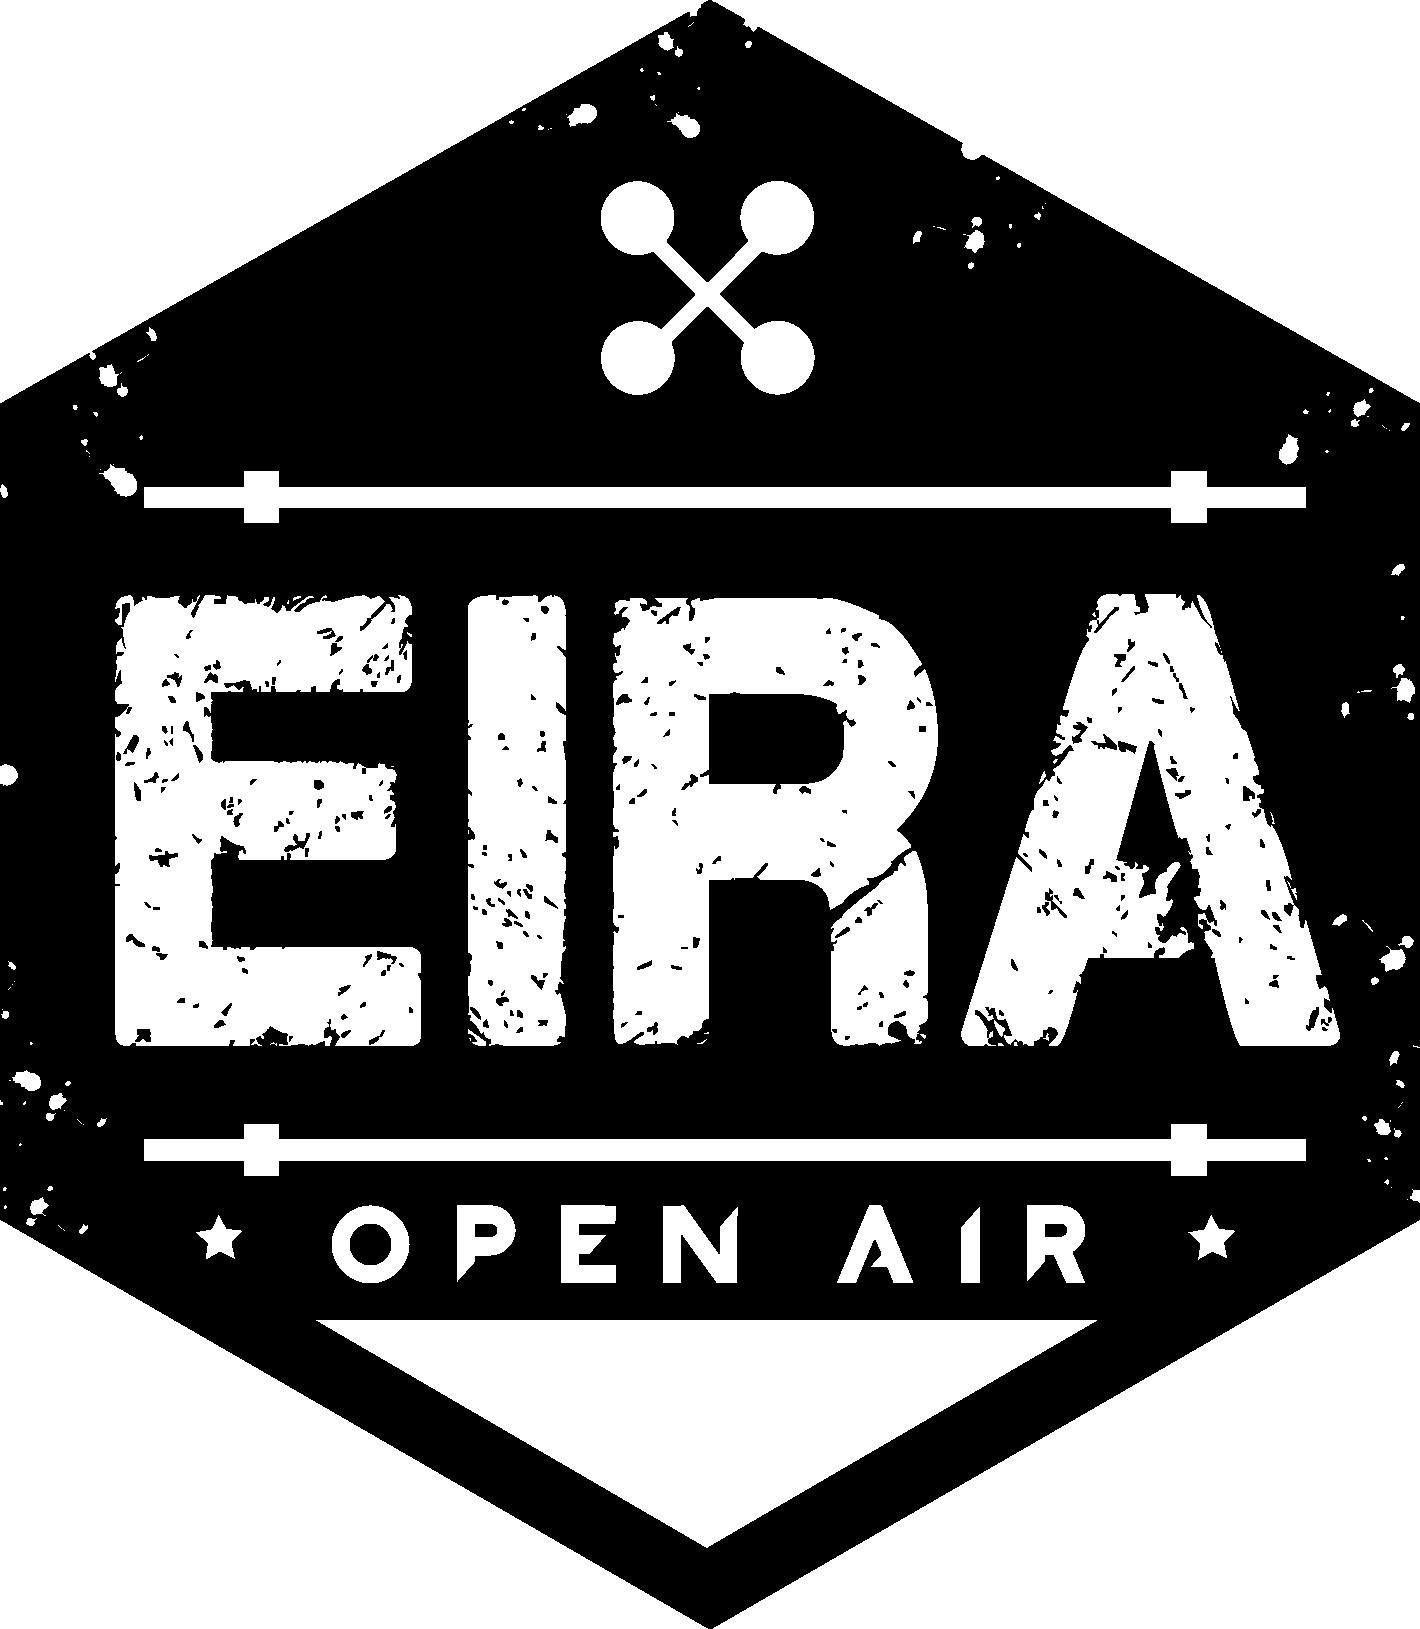 Eira Open Air Logo